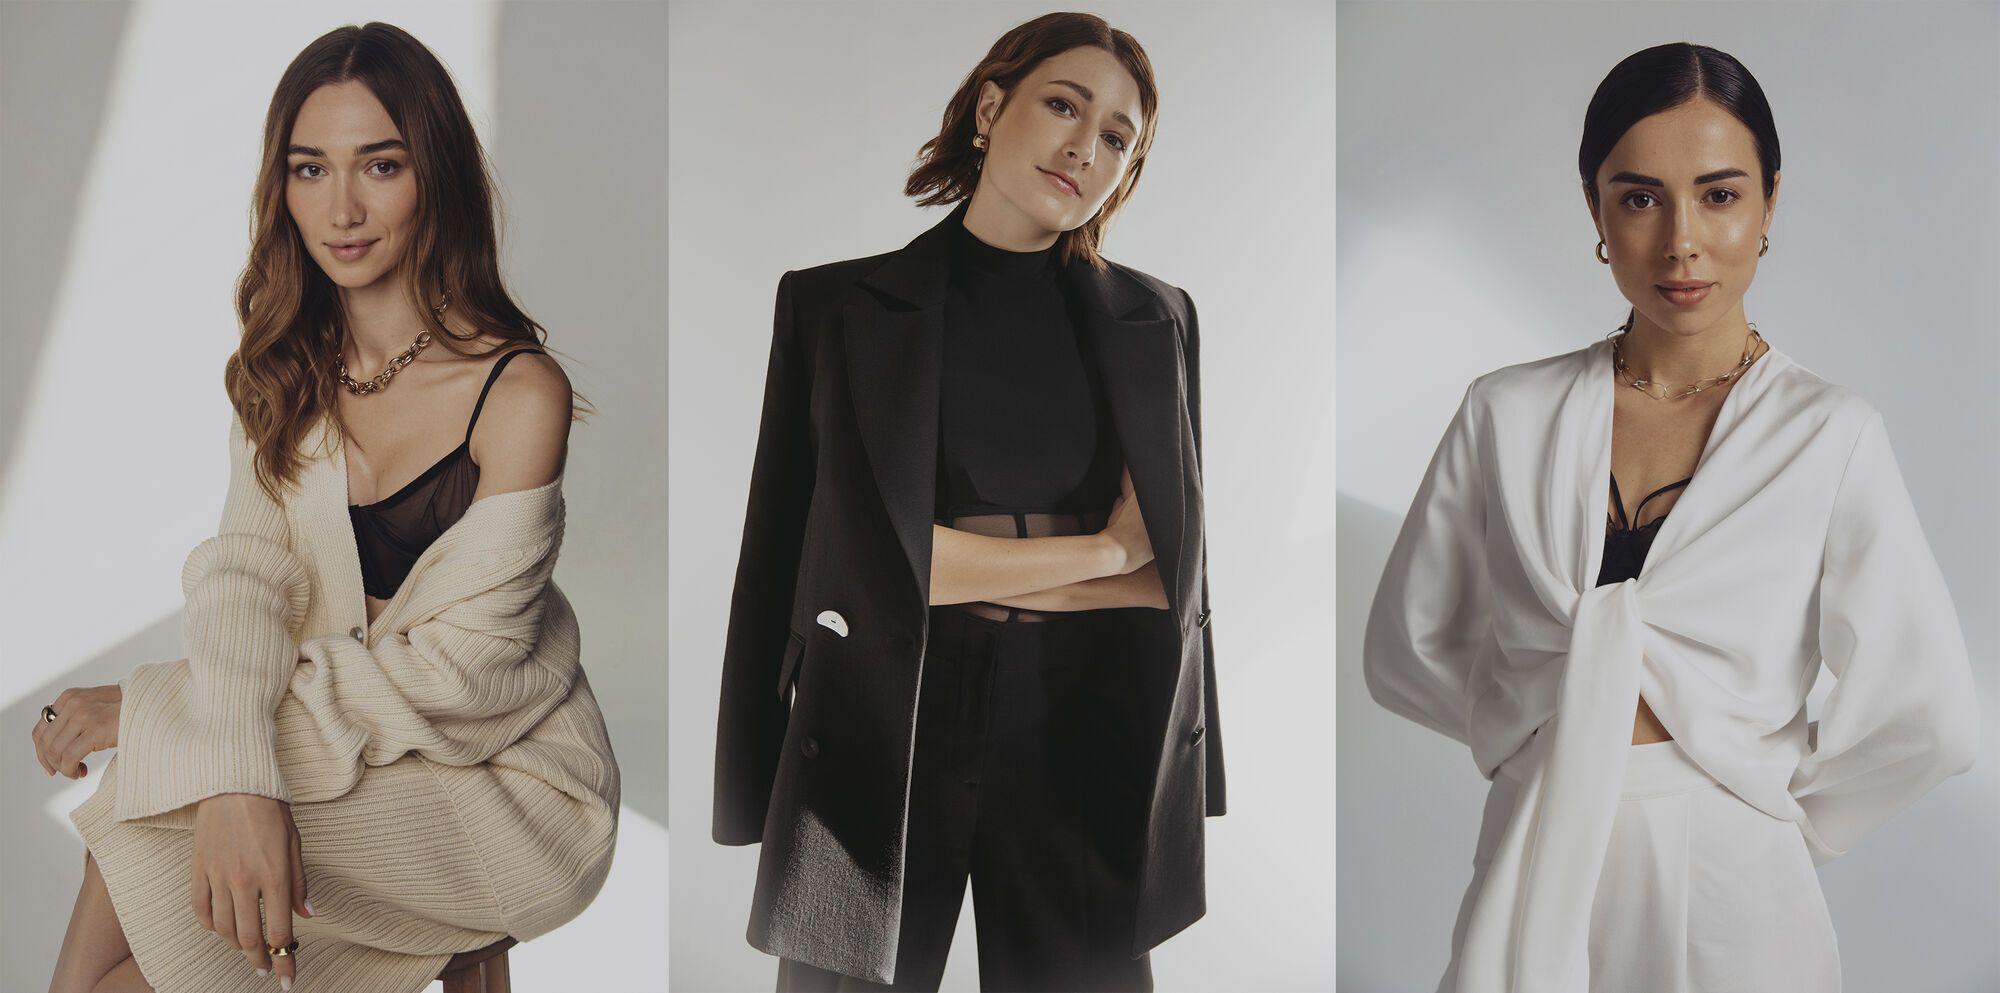 Как бодипозитив заставил бренды женского белья пересмотреть свою политику